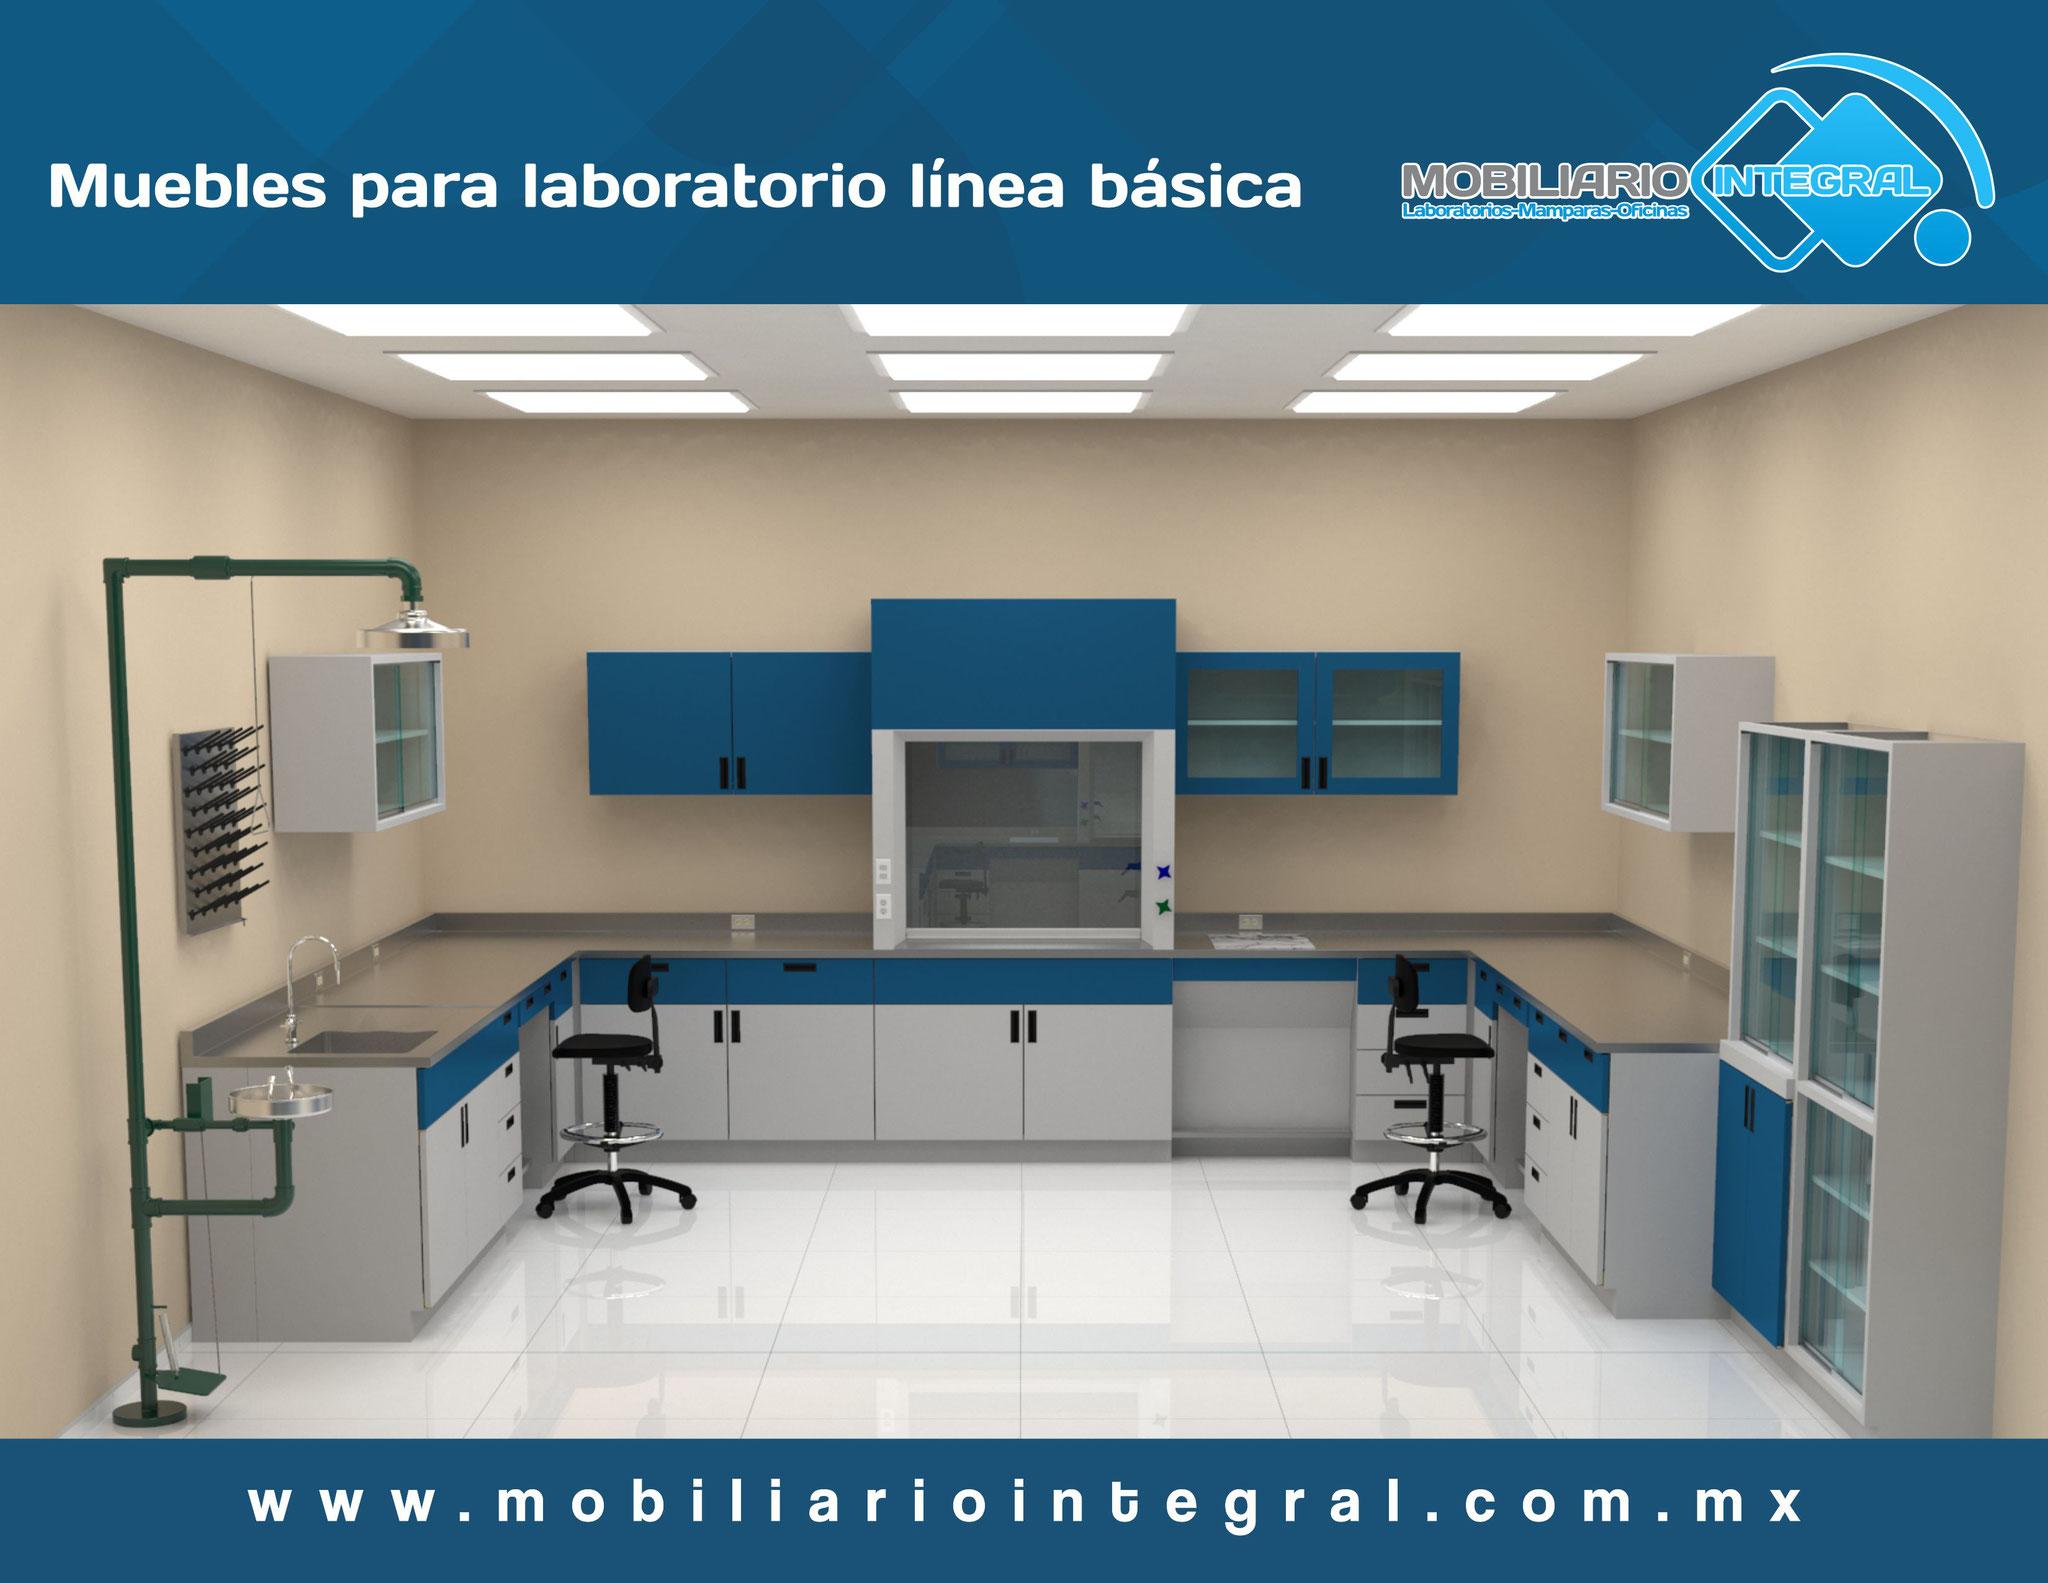 Muebles para laboratorio en Torreón